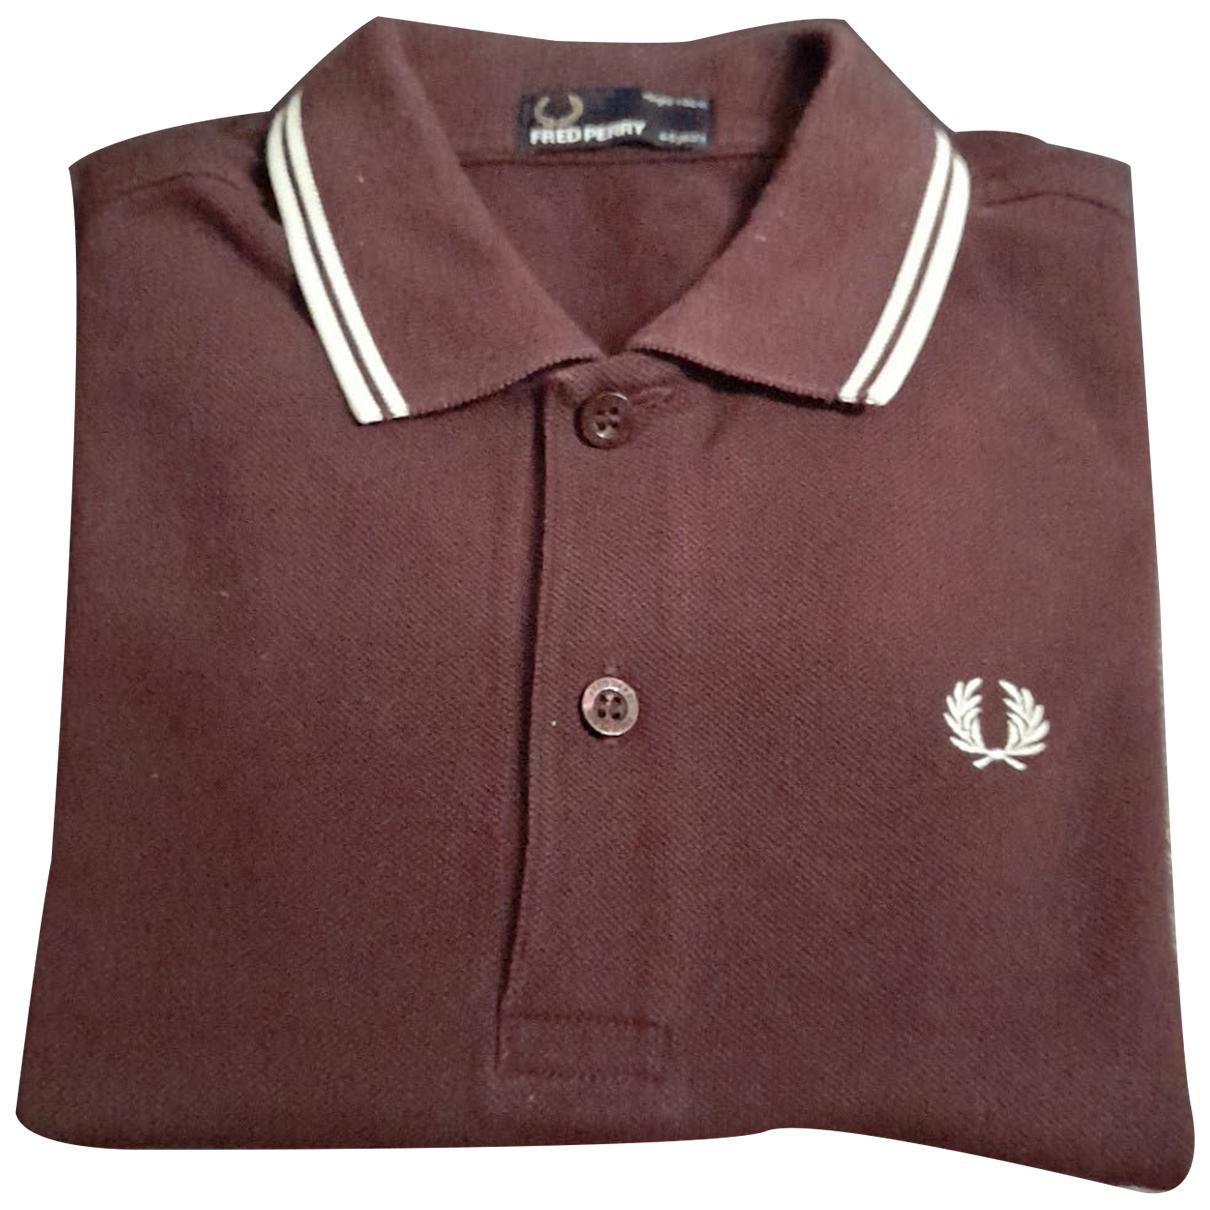 Fred Perry - Top   pour enfant en coton - violet